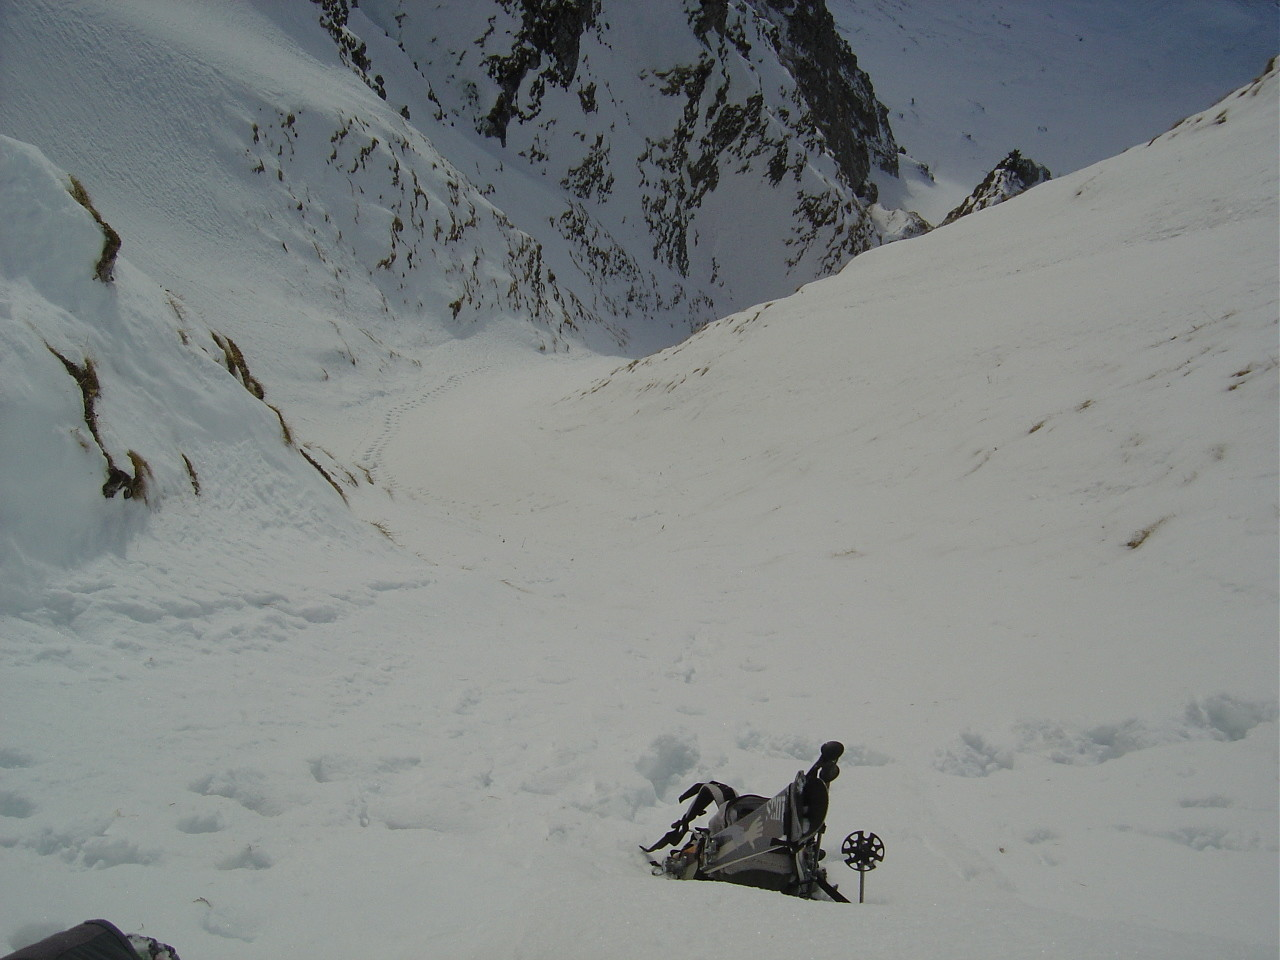 Dépôt des skis quelques mètres sous le mur sommital.